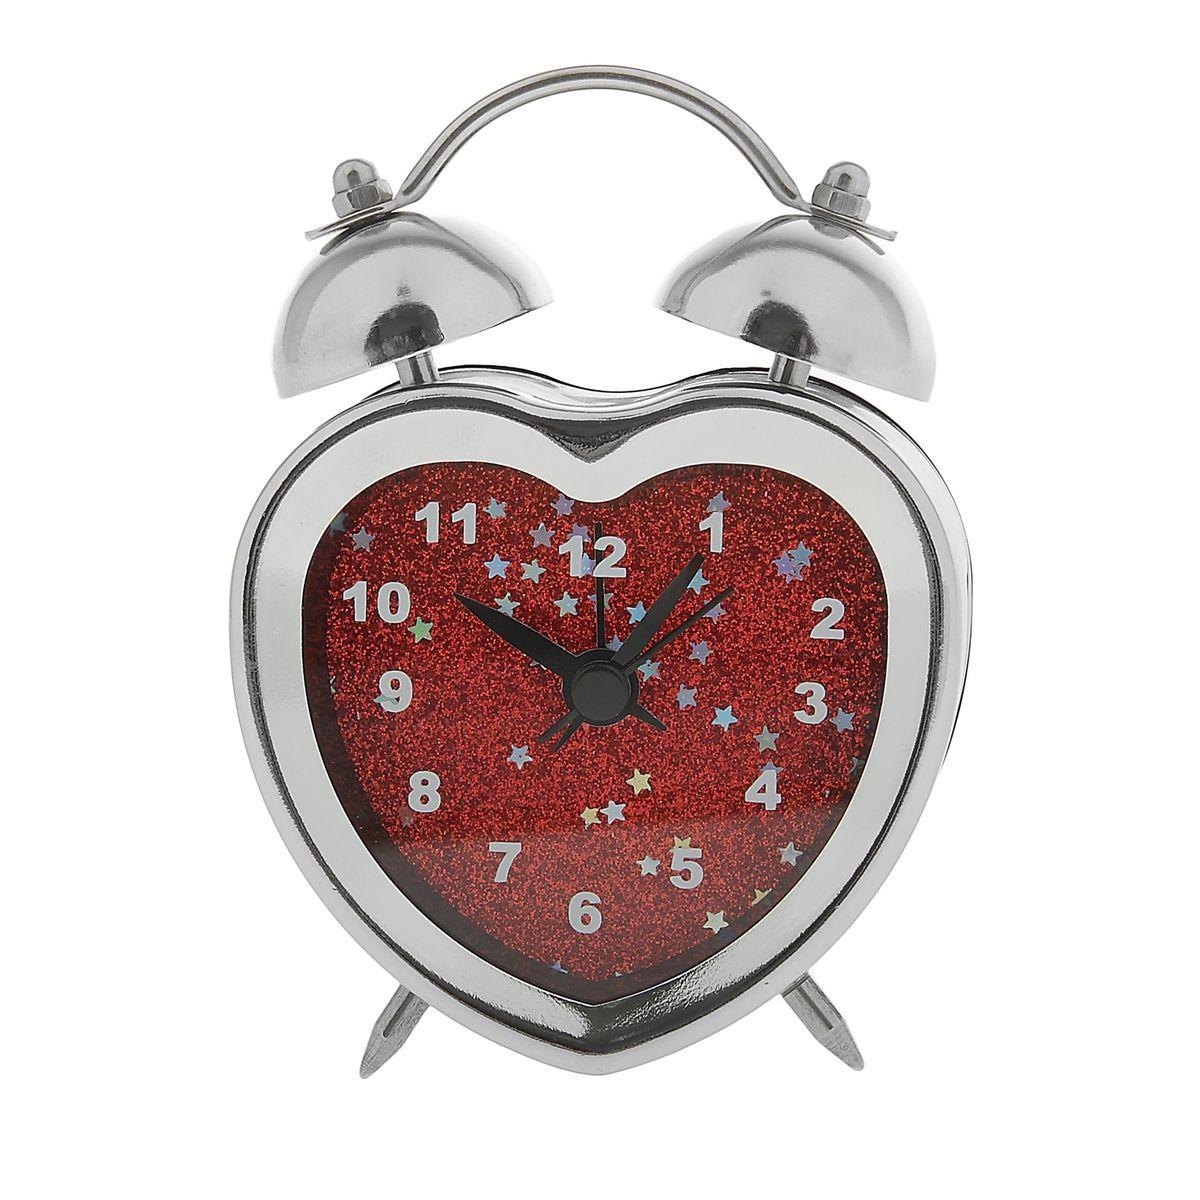 Часы-будильник Sima-land Сердце. 843481843481Как же сложно иногда вставать вовремя! Всегда так хочется поспать еще хотя бы 5 минут и бывает, что мы просыпаем. Теперь этого не случится! Яркий, оригинальный будильник Sima-land Сердце поможет вам всегда вставать в нужное время и успевать везде и всюду. Корпус будильника в форме сердца выполнен из хромированного металла. Циферблат оформлен красными блестками. Часы снабжены 4 стрелками (секундная, минутная, часовая и для будильника). На задней панели будильника расположен переключатель включения/выключения механизма, а также два колесика для настройки текущего времени и времени звонка будильника. Пользоваться будильником очень легко: нужно всего лишь поставить батарейку, настроить точное время и установить время звонка. Будильник Сердце - привлекательная деталь в обстановке, которая поможет воплотить вашу интерьерную идею, создать неповторимую атмосферу в вашем доме. Окружите себя приятными мелочами, пусть они радуют взгляд и дарят гармонию. ...